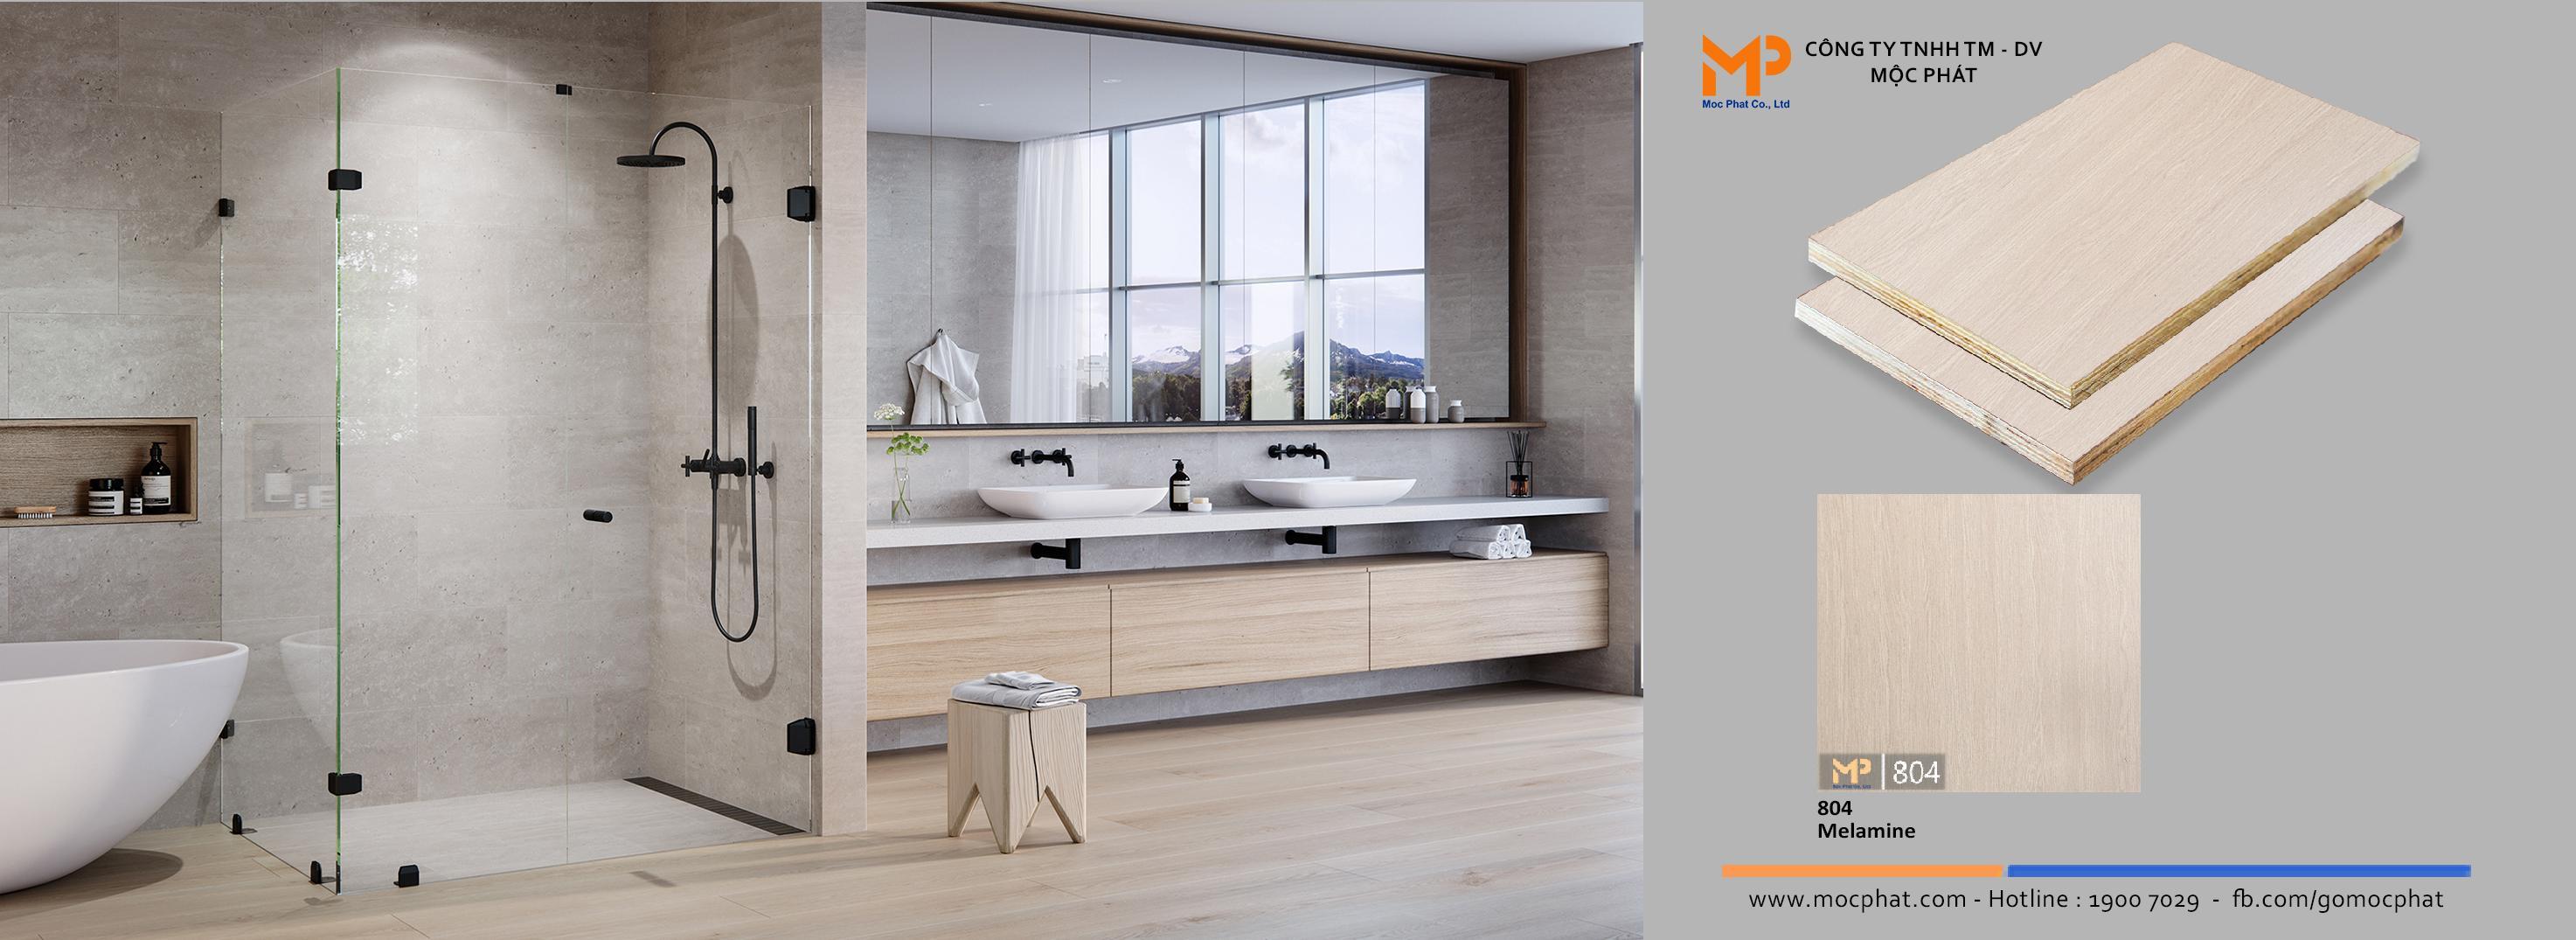 Thách thức nước với Plywood phủ melamine vân gỗ dùng trong phòng tắm